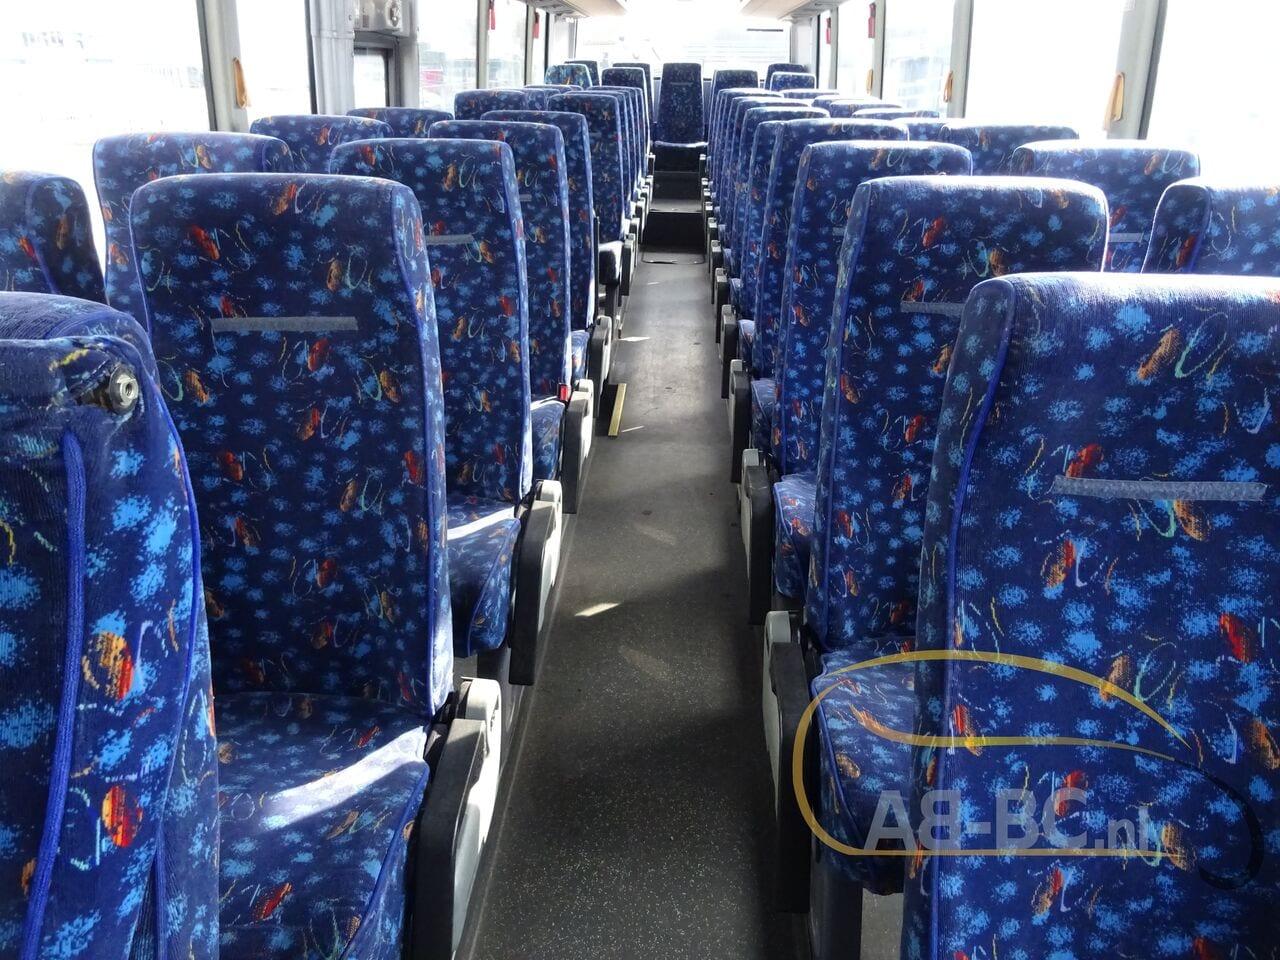 coach-busTEMSA-Safari-RD-65-Seats---1620311984591101411_big_ddce6b7b5c773d11dc9ca003c2a48190--21050617272795316700